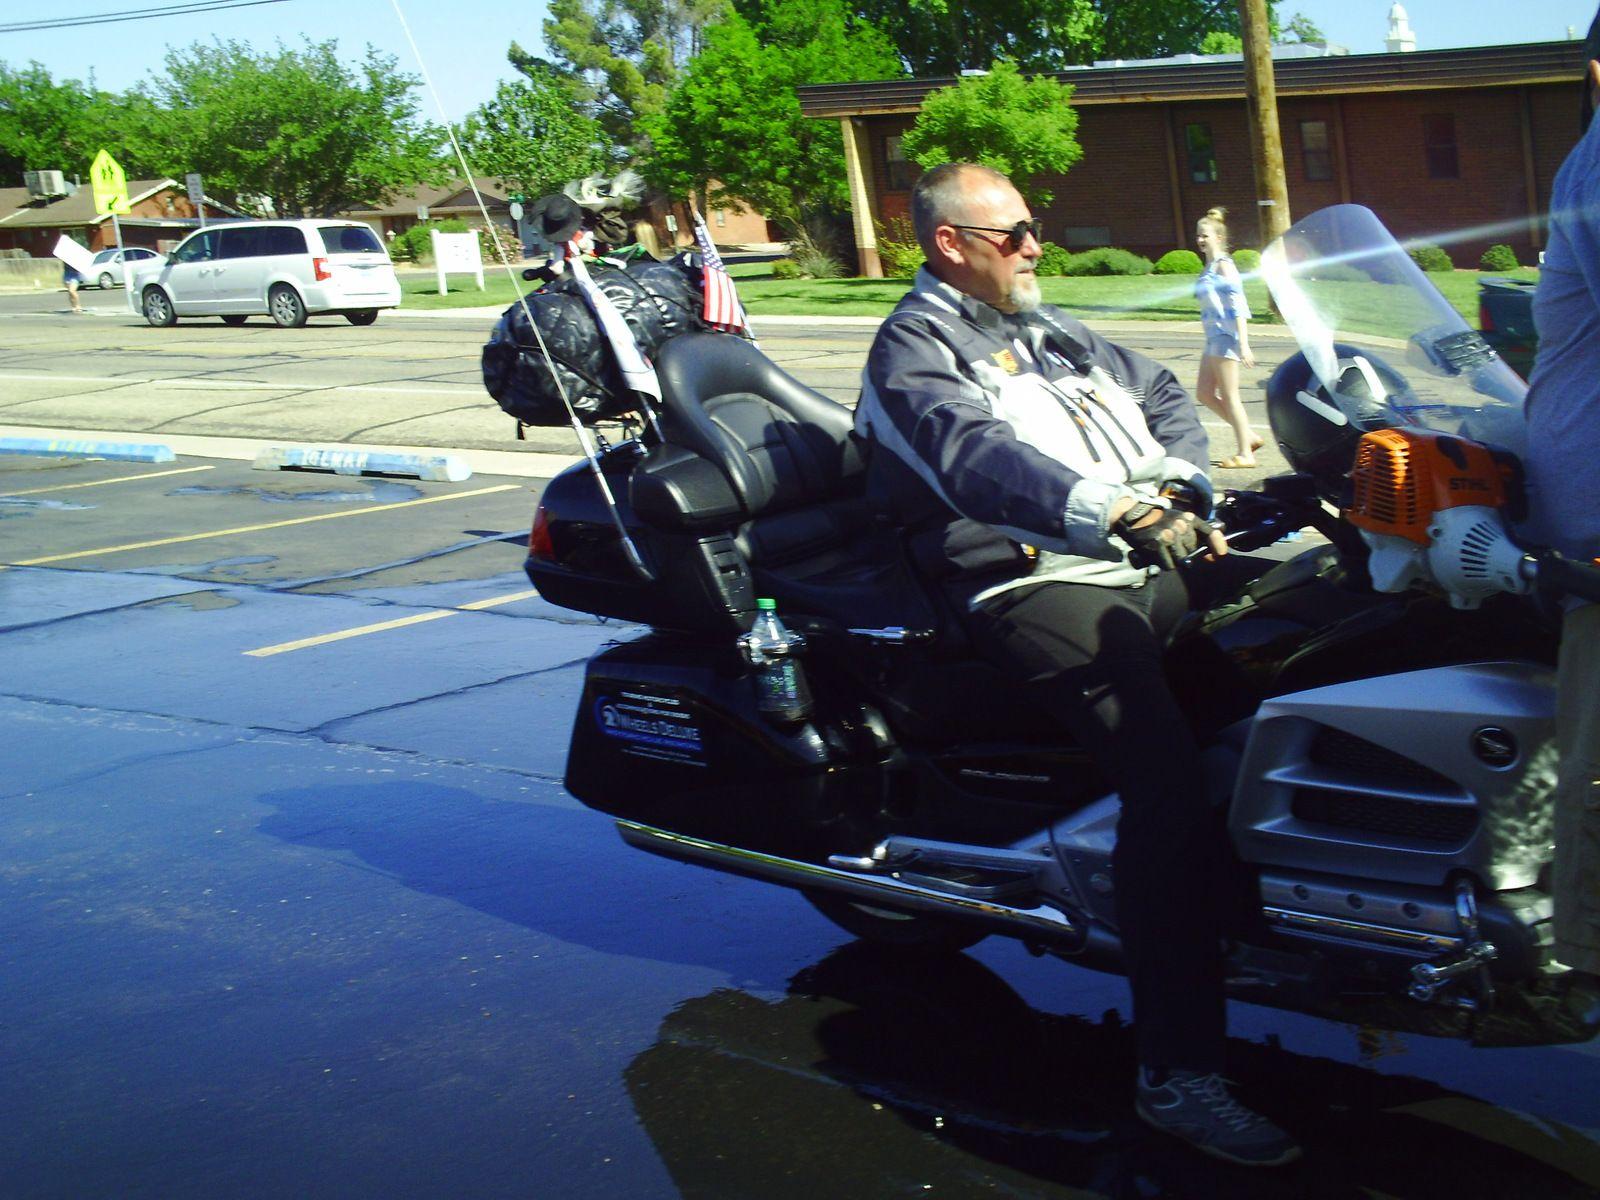 Un couple, une moto dans le Wild West américain 09 jour -  De St George à Las Vegas